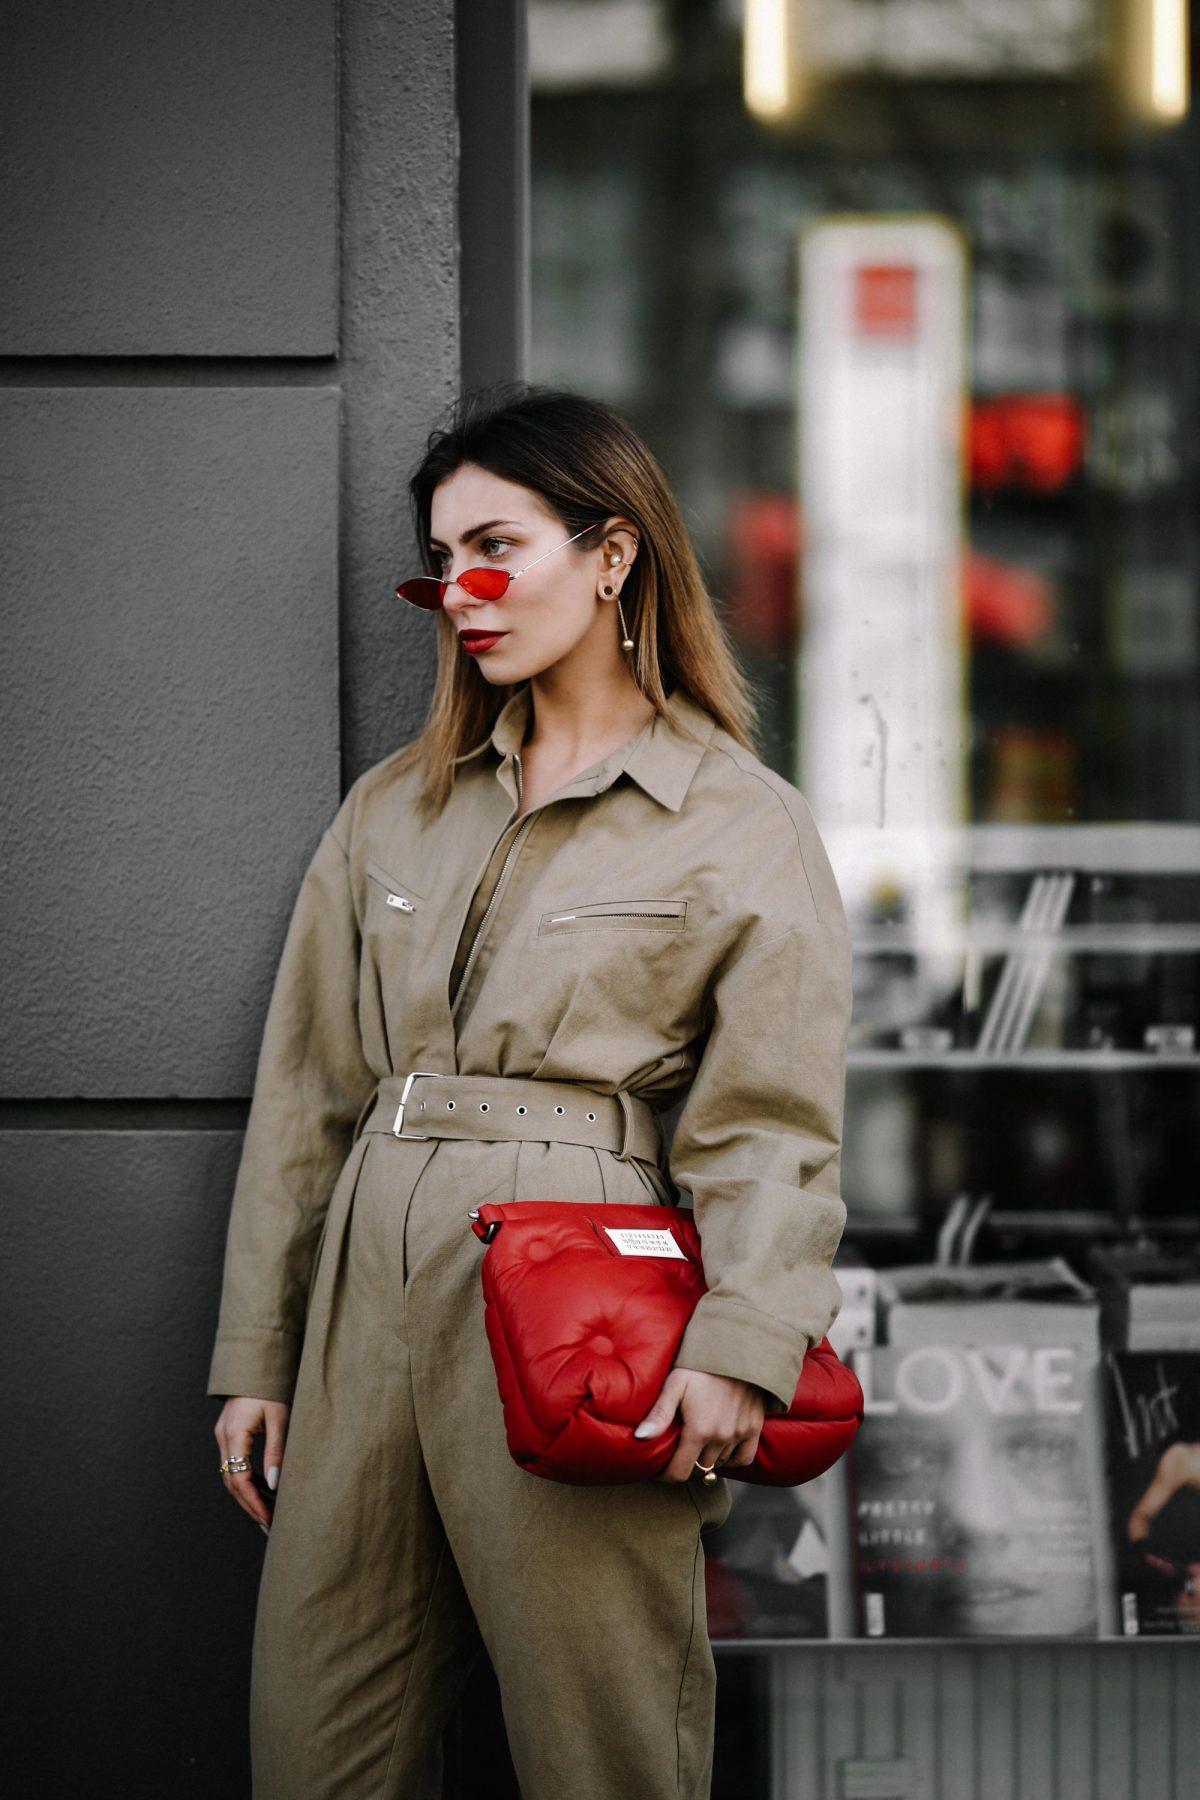 Túi xách đỏ cầm tay và mắt kính retro đỏ